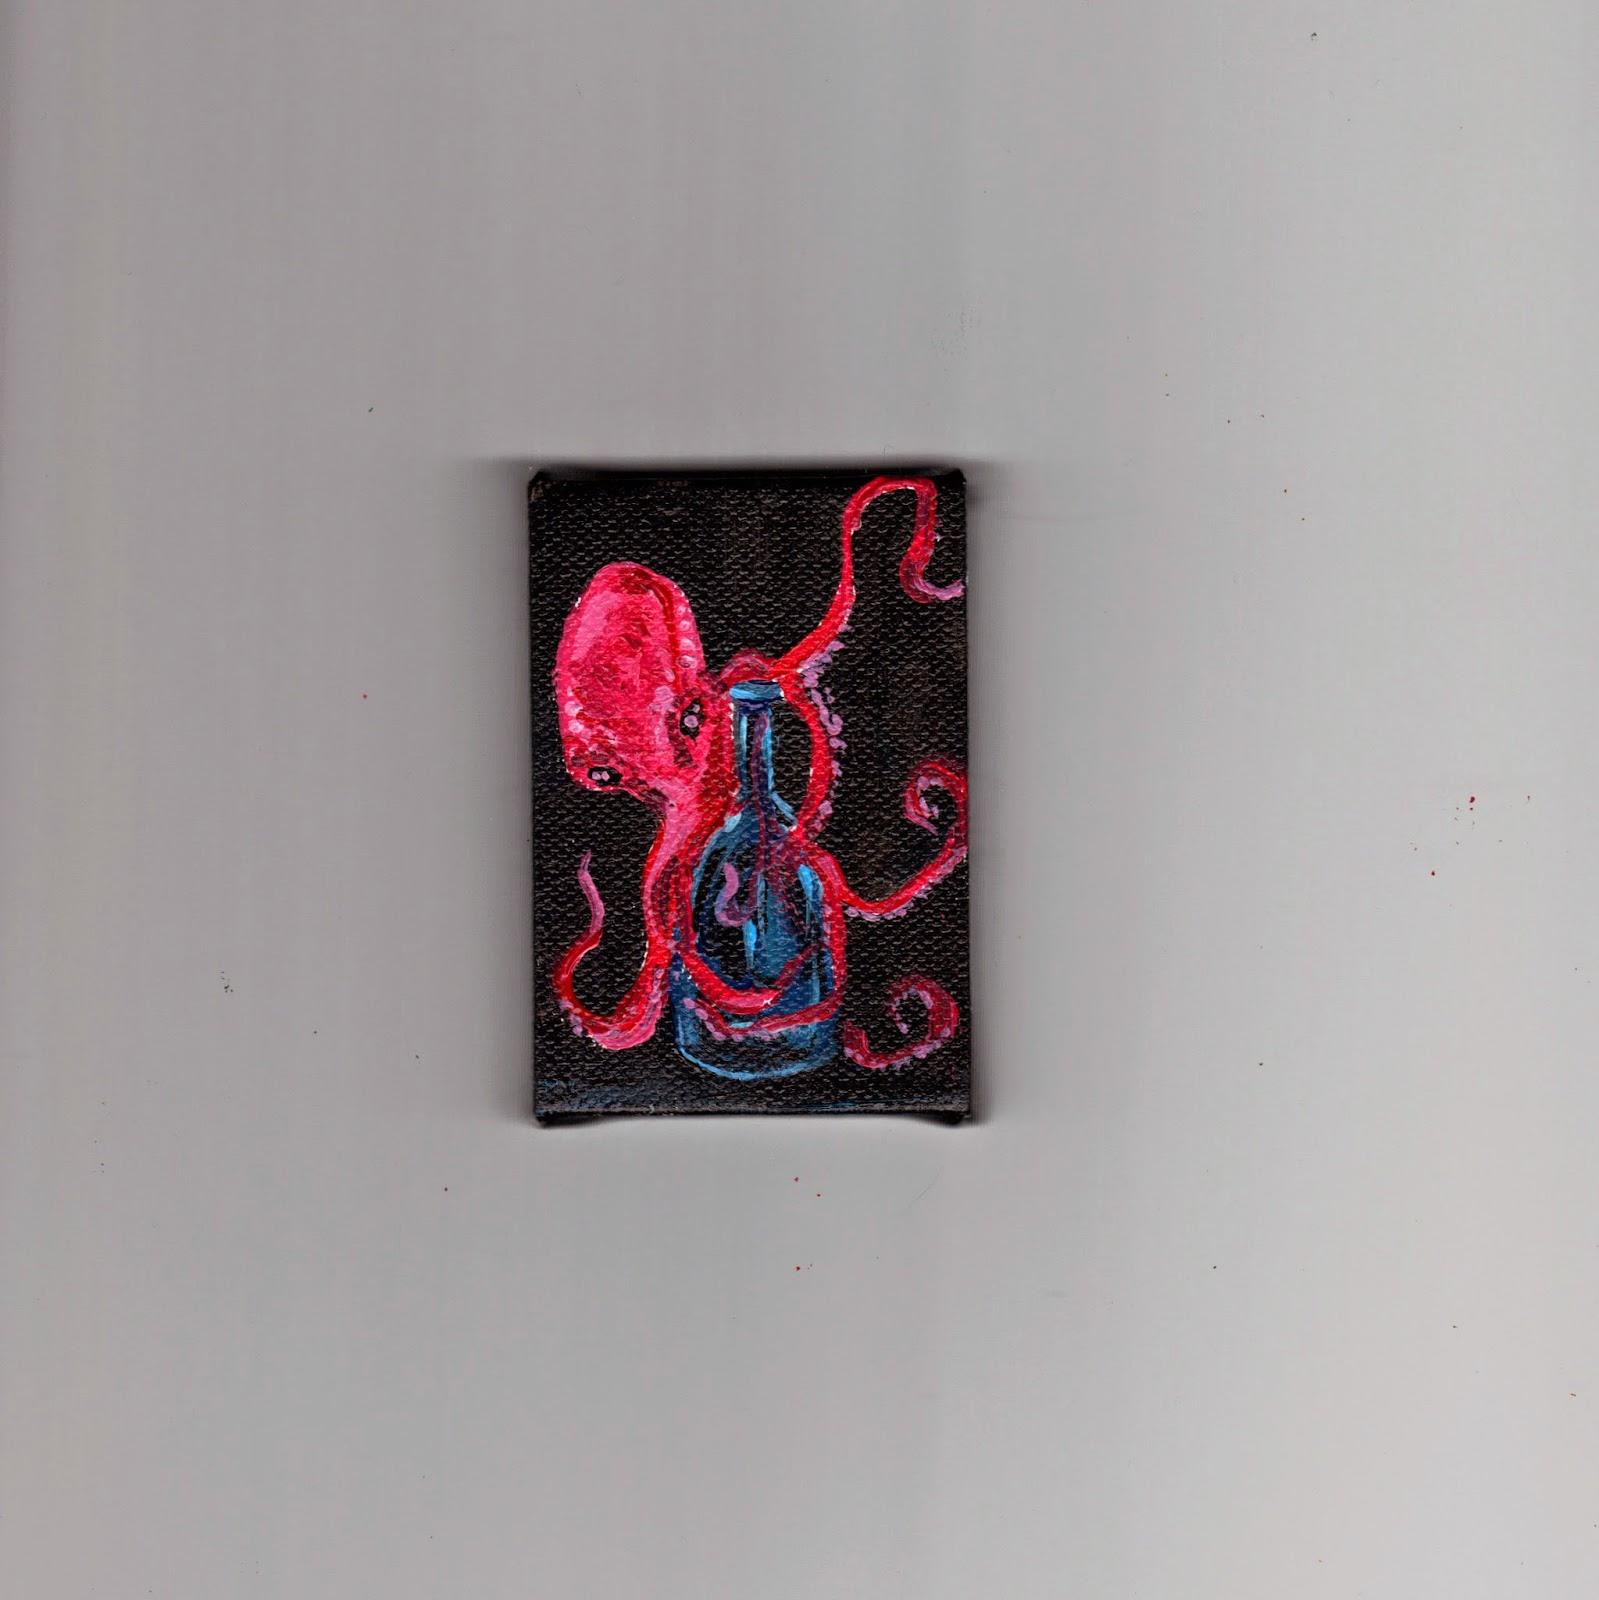 https://www.etsy.com/listing/186190459/red-octopus-and-cobalt-bottle-original?ref=listing-shop-header-0